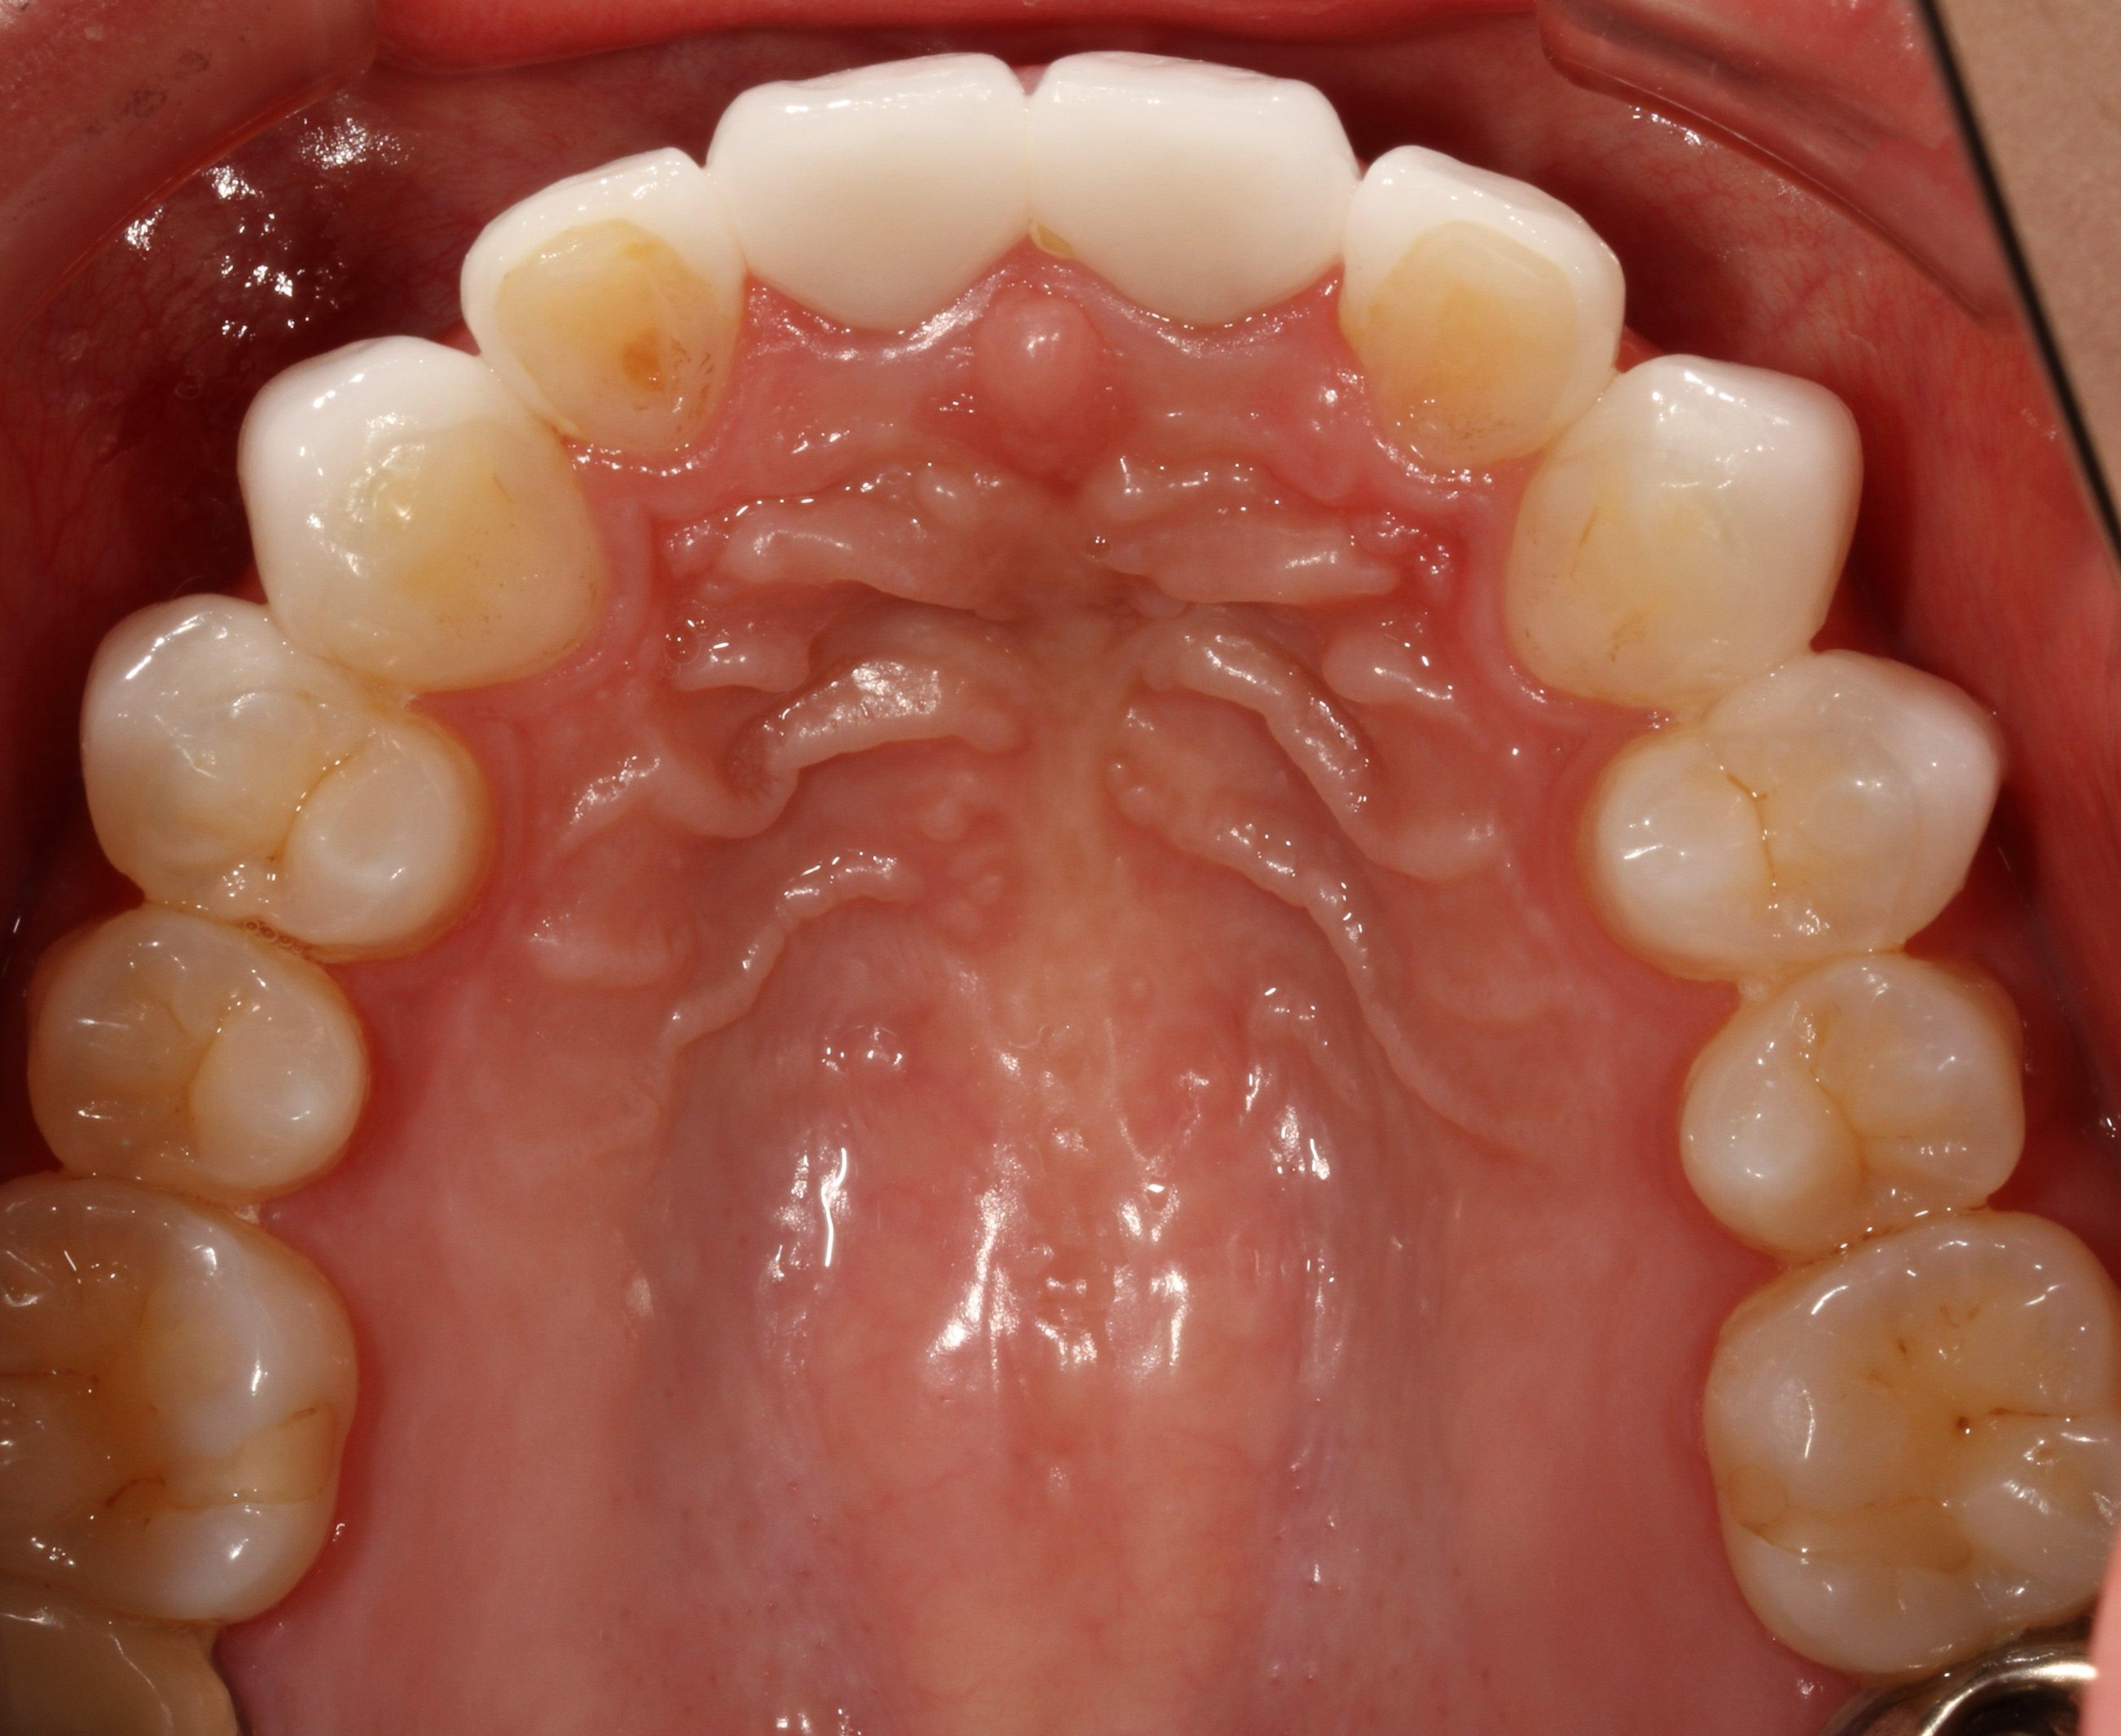 噂のラミネートベニヤは、あまり歯を削らない、症例を選べばいい処置。